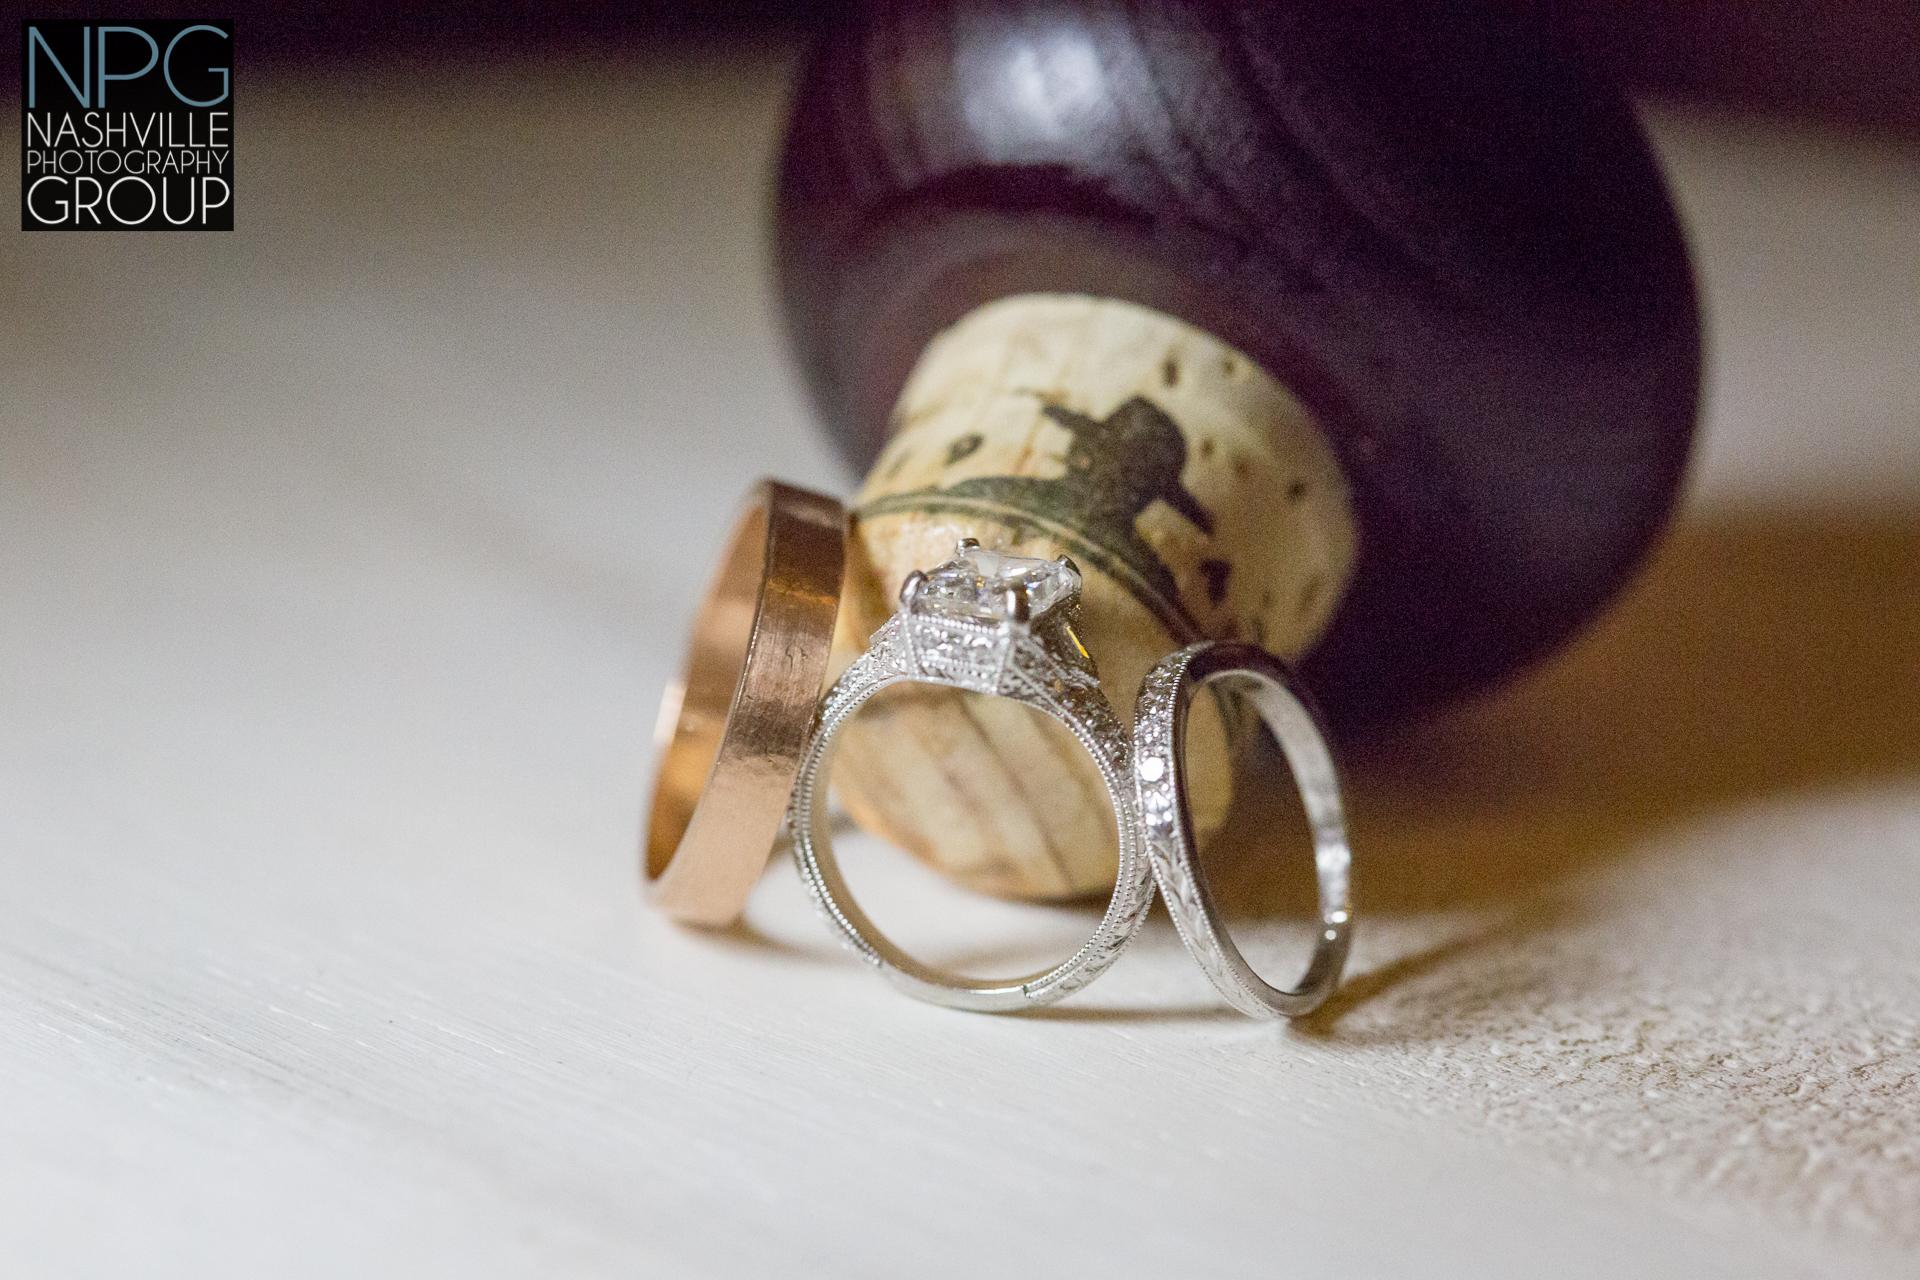 Nashville Photography Group wedding photographers6-2.jpg